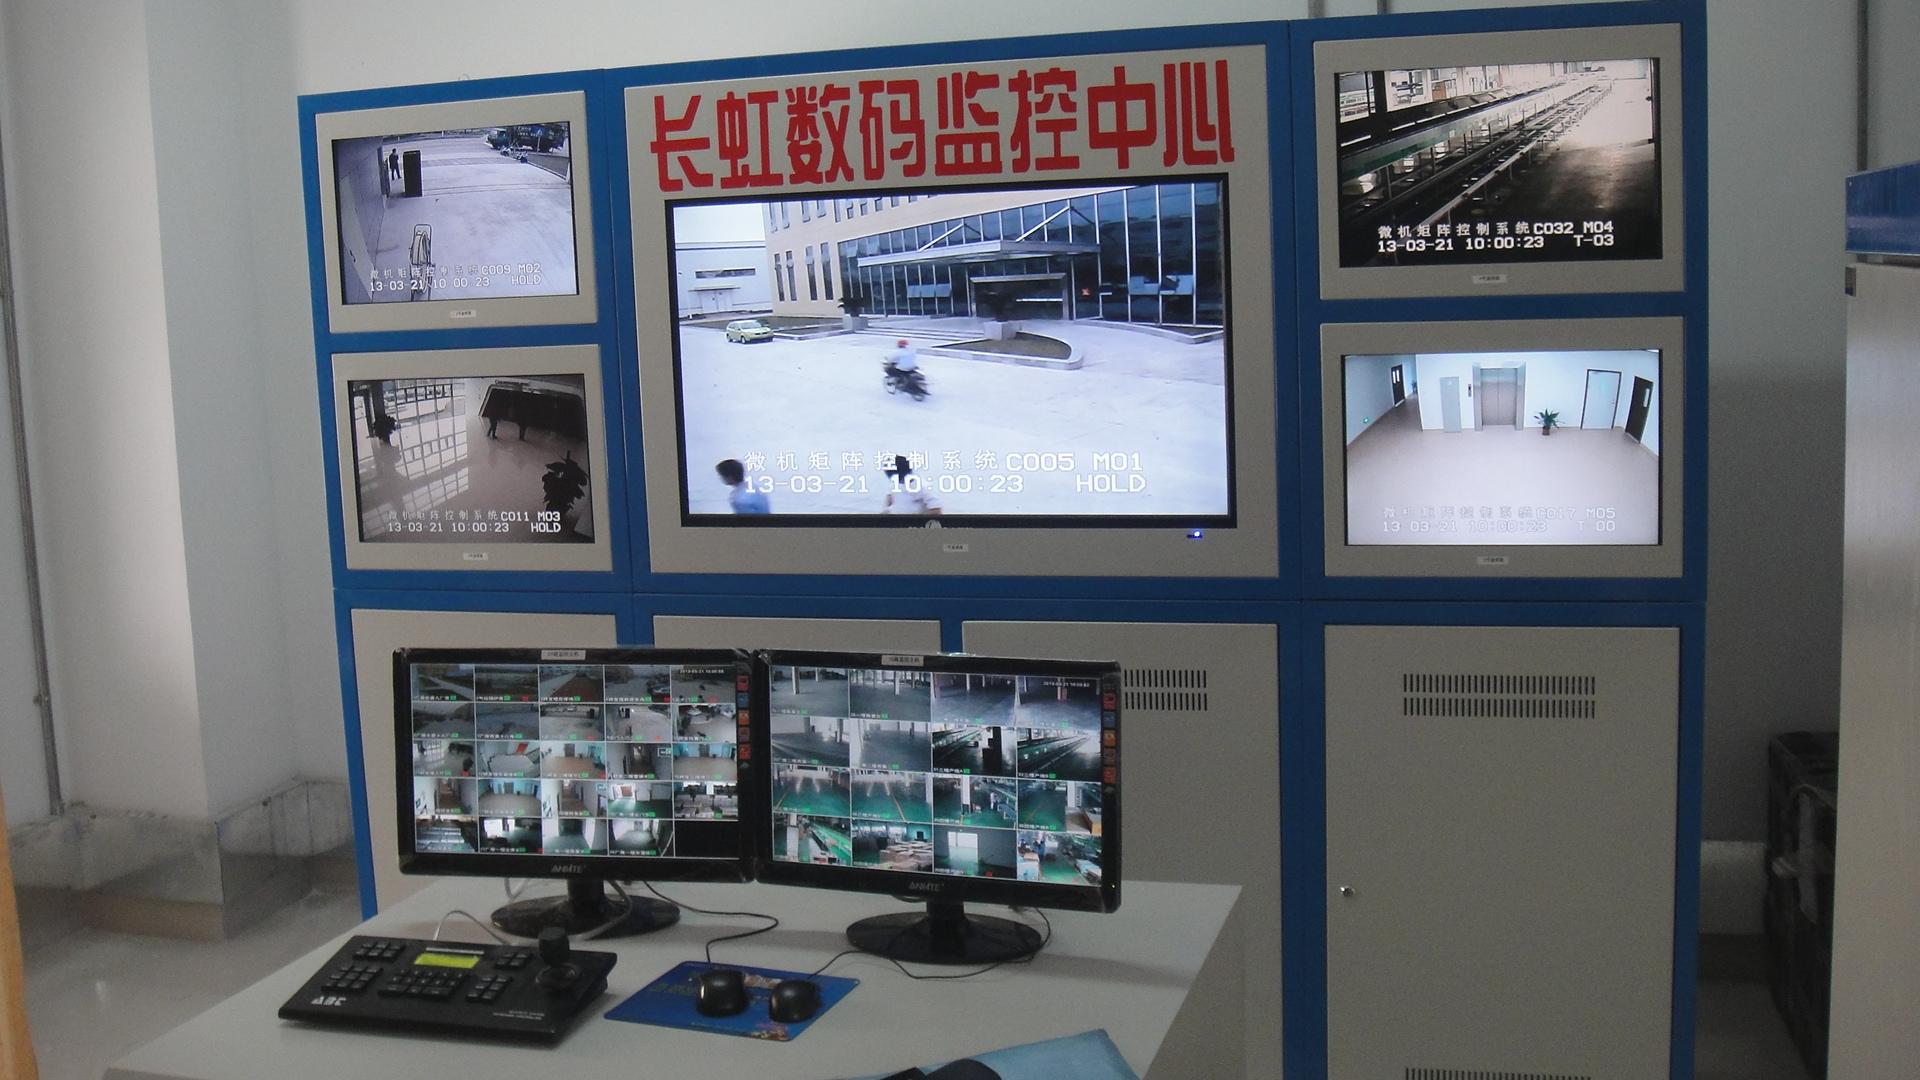 工厂,学校,小区视频监控等弱电工程设计,施工,安装